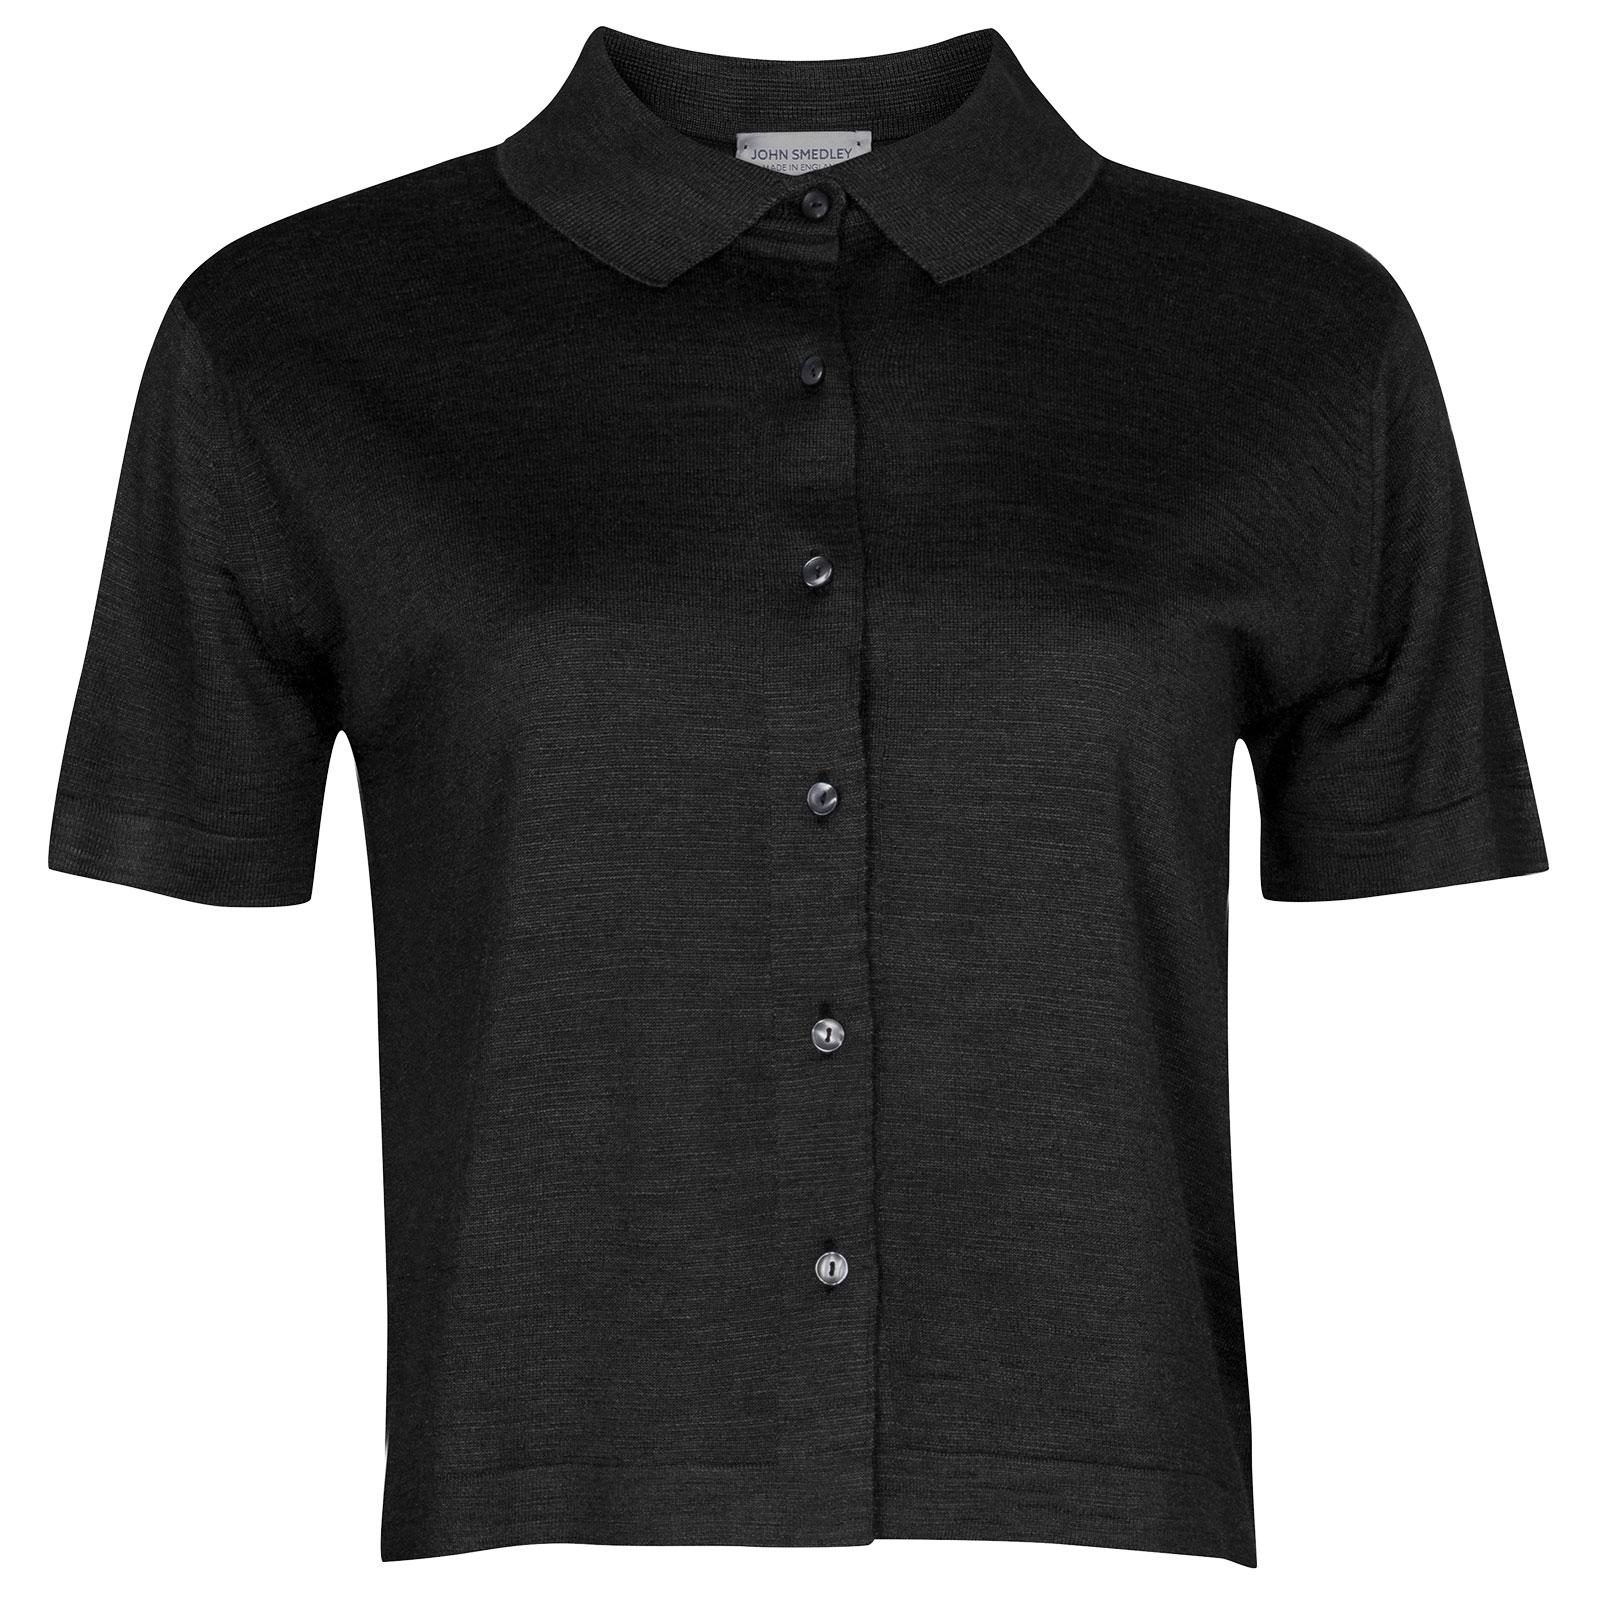 John Smedley Lilah in Black Shirt-MED